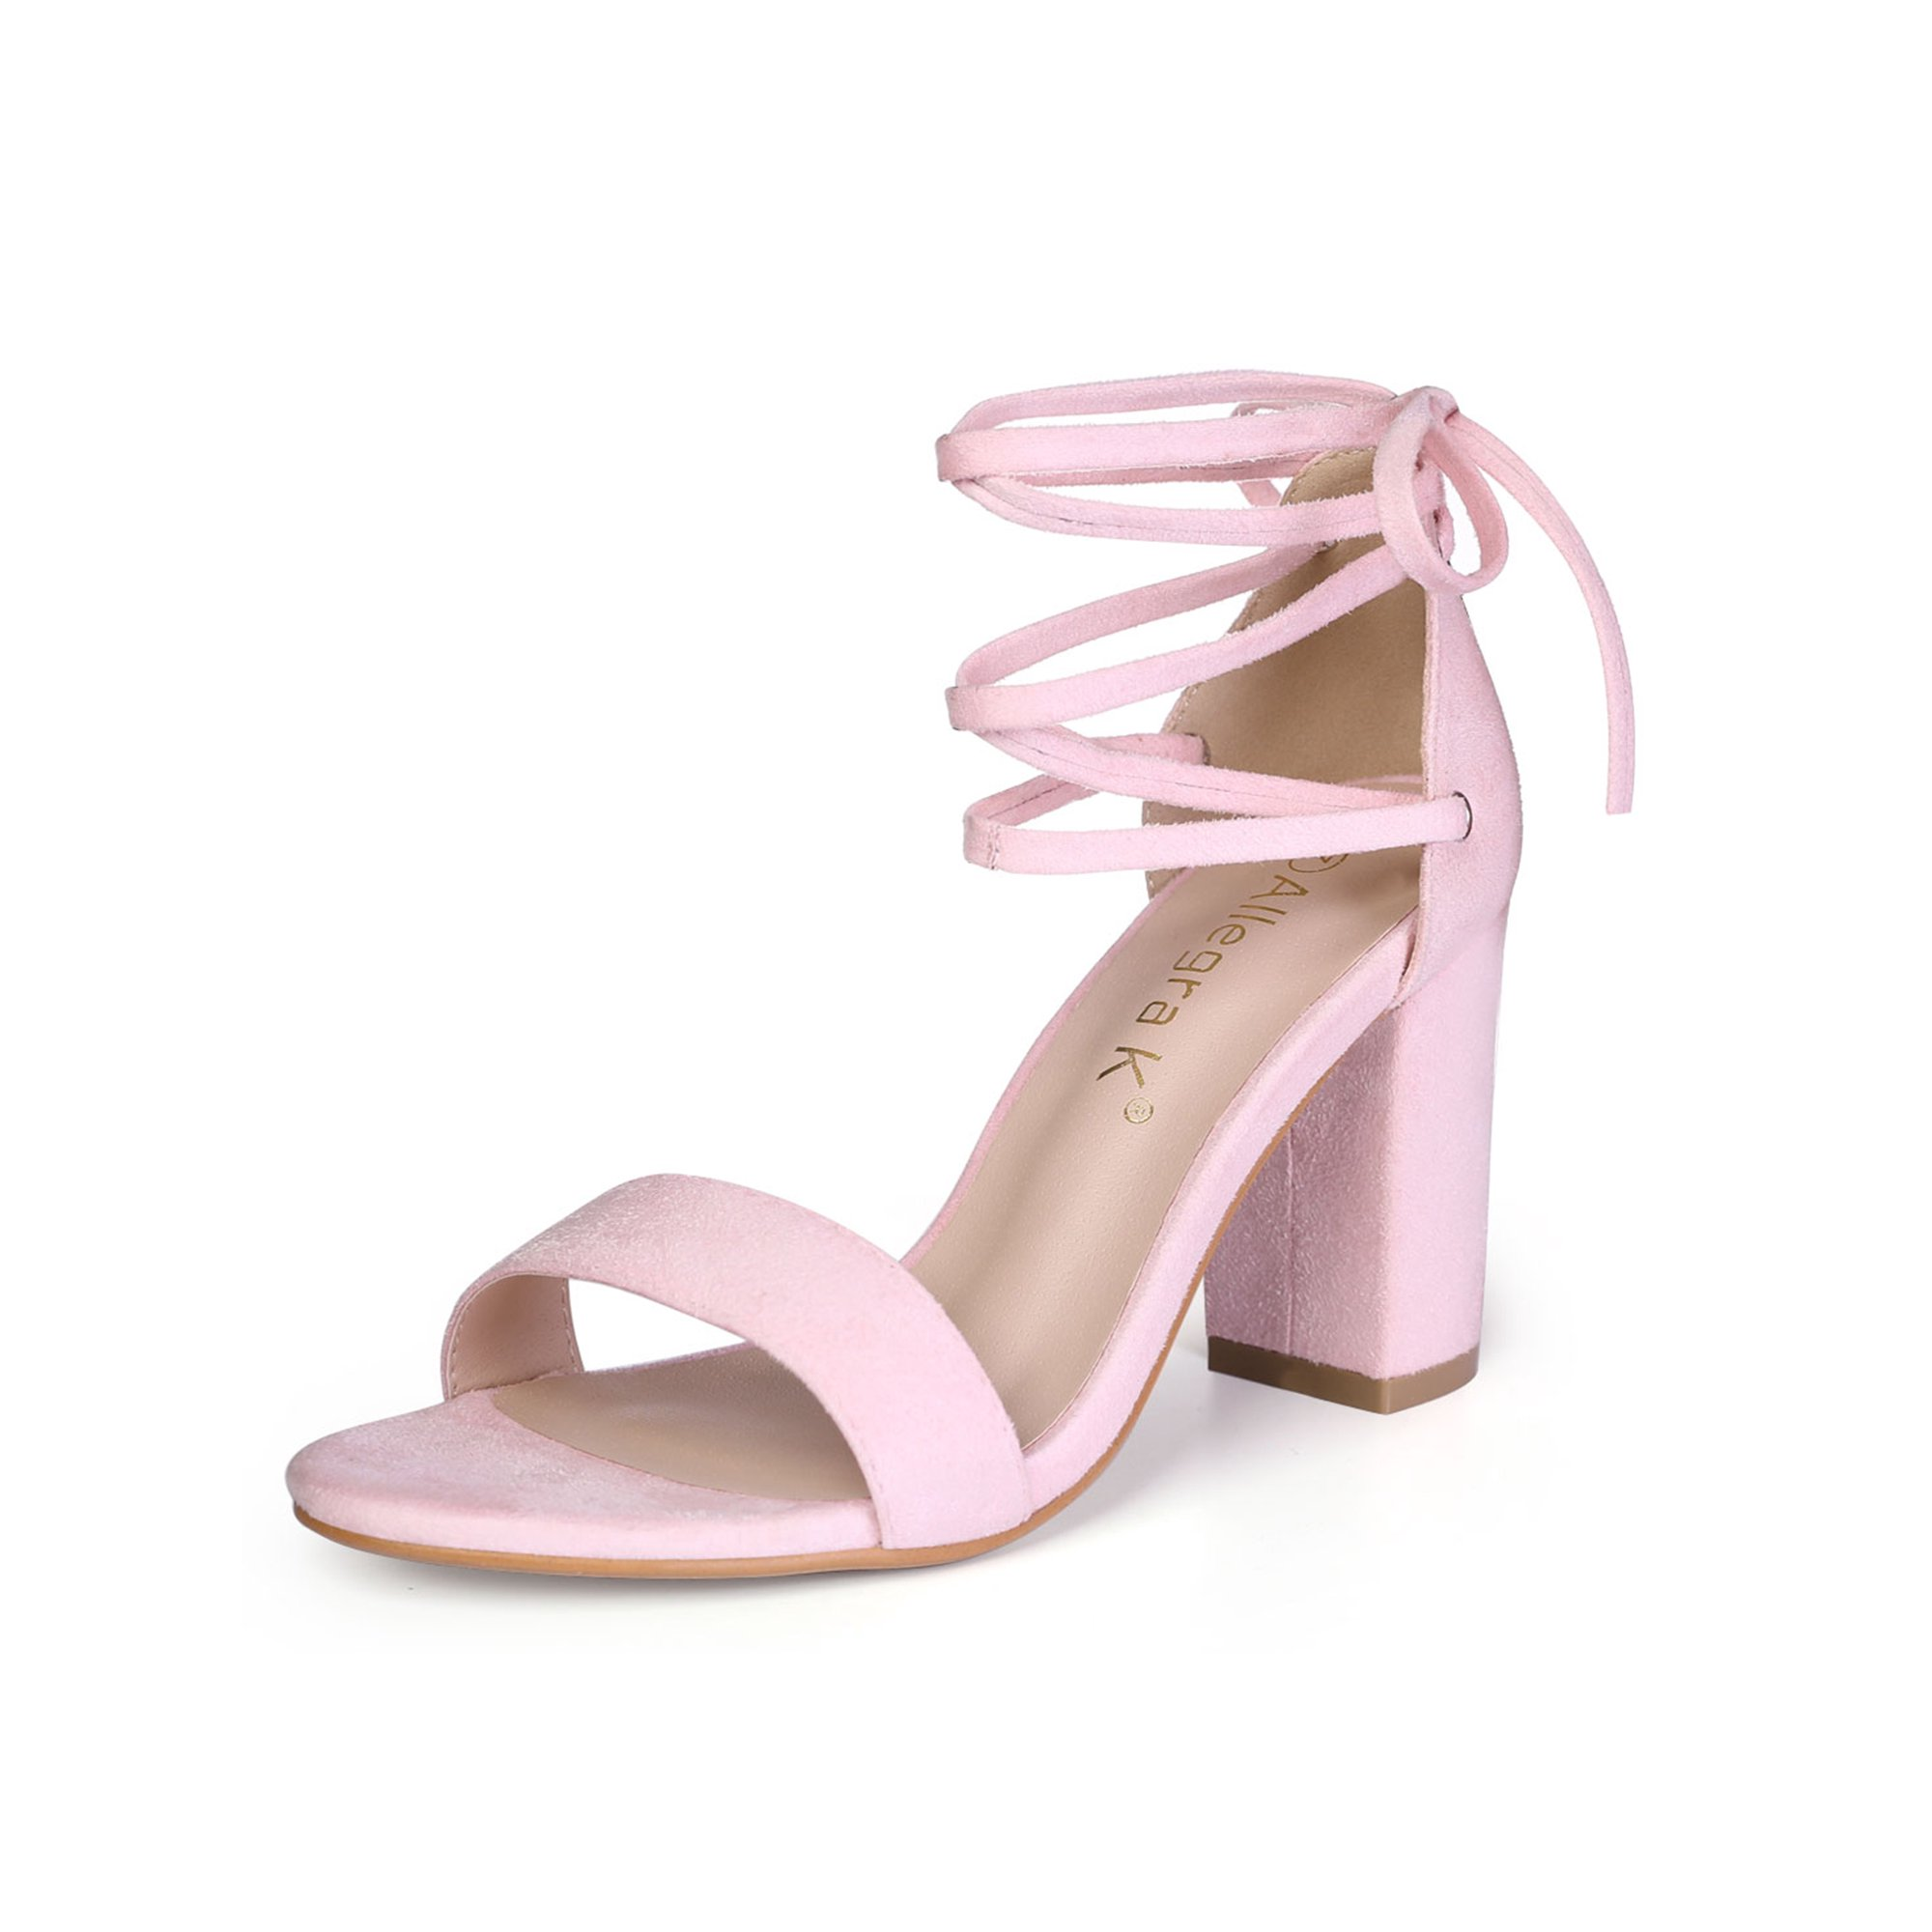 162e52b7749de Unique Bargains Women's Lace Up Chunky Heel Dress Sandals Light Pink (Size  9)